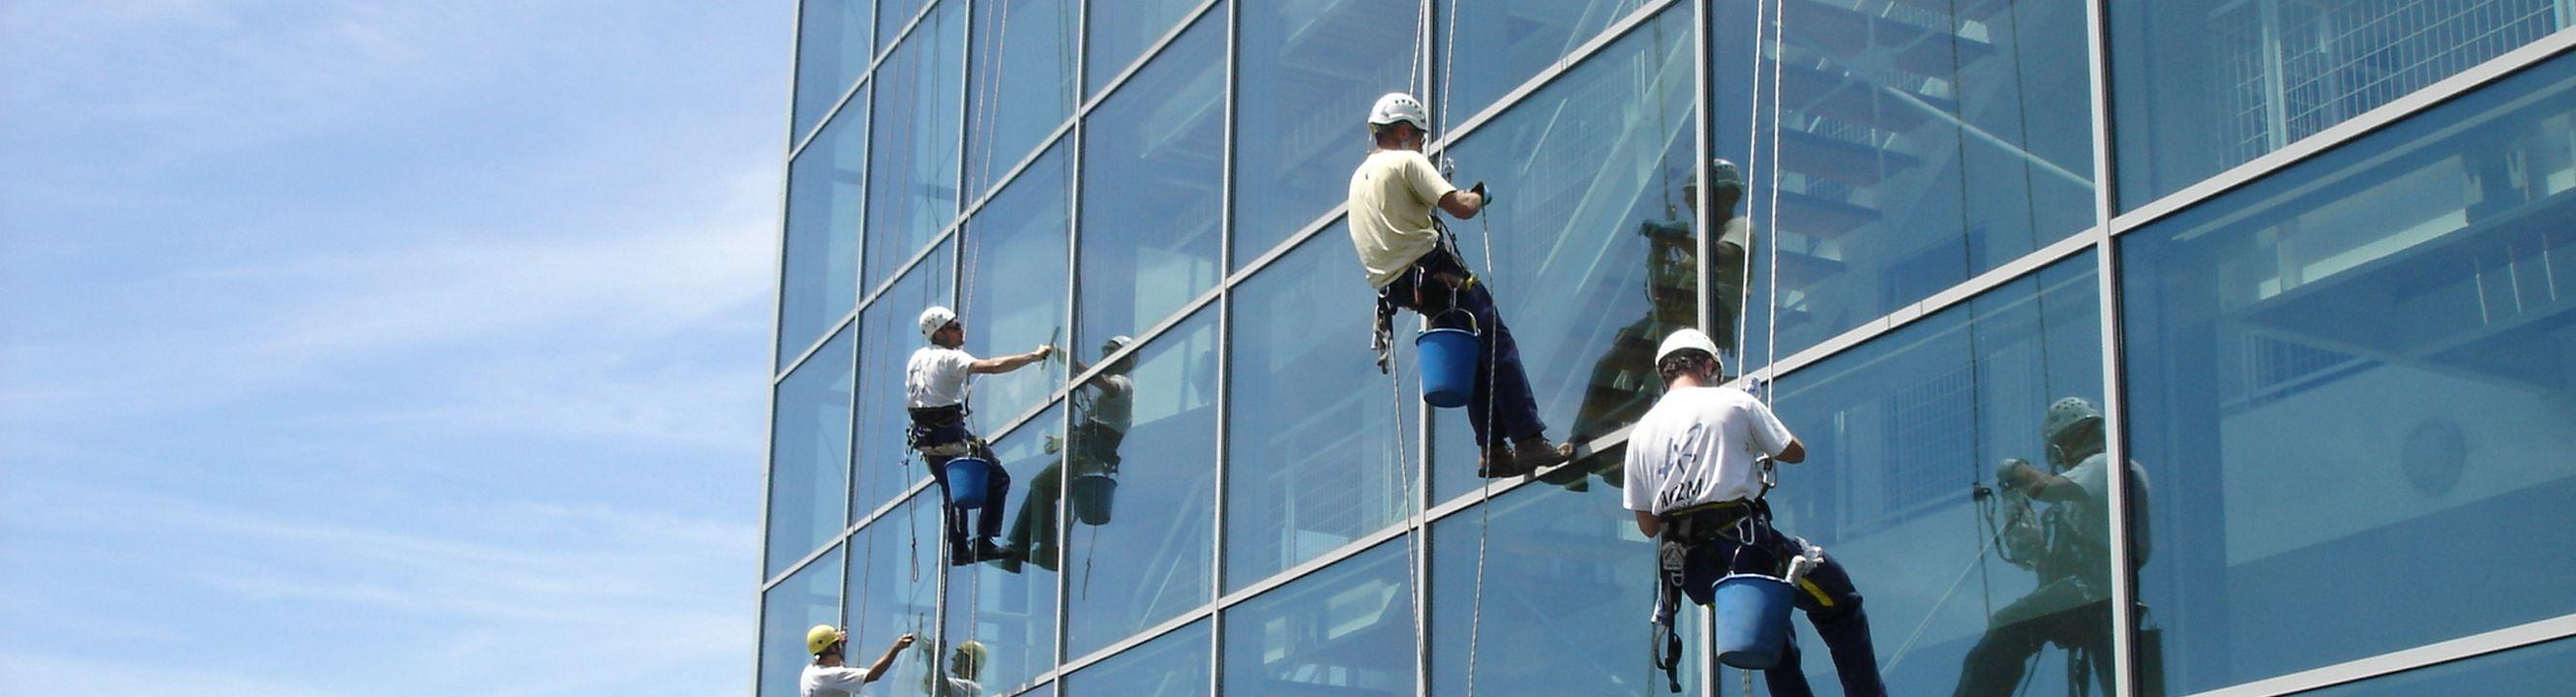 technicien cordiste urbain laveur de vitre 06